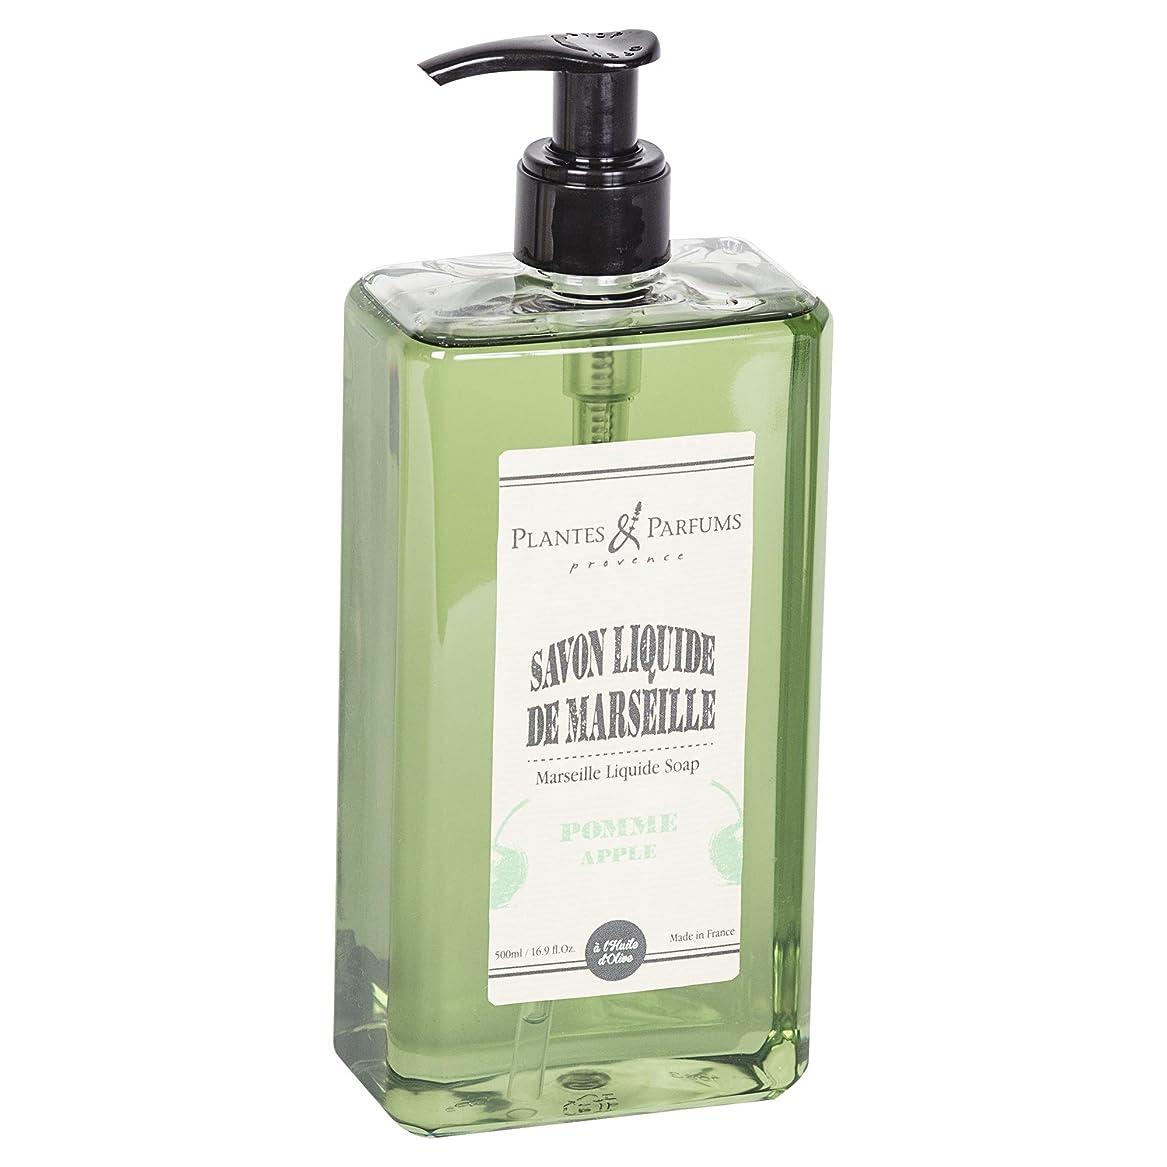 見捨てられた驚自分を引き上げるPlantes&Parfums [プランツ&パルファム] マルセイユリキッドソープ アップル